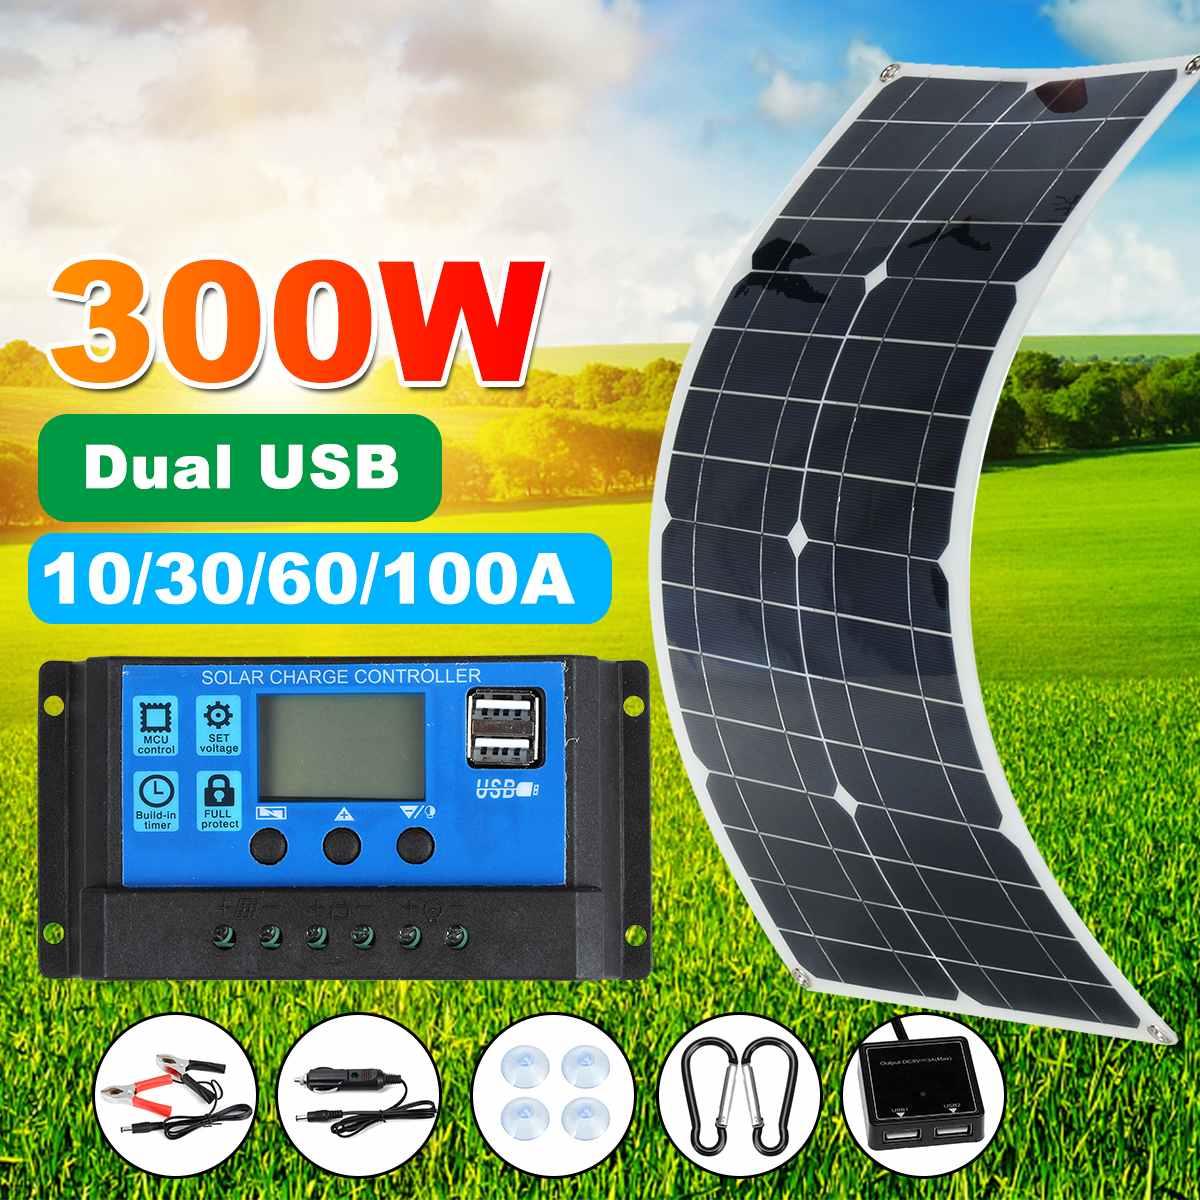 Водонепроницаемый гибкий комплект панелей солнечных батарей 300 Вт полный двойной 12/5 В постоянного тока USB с 10/30/60A/100A Солнечный контроллер со...